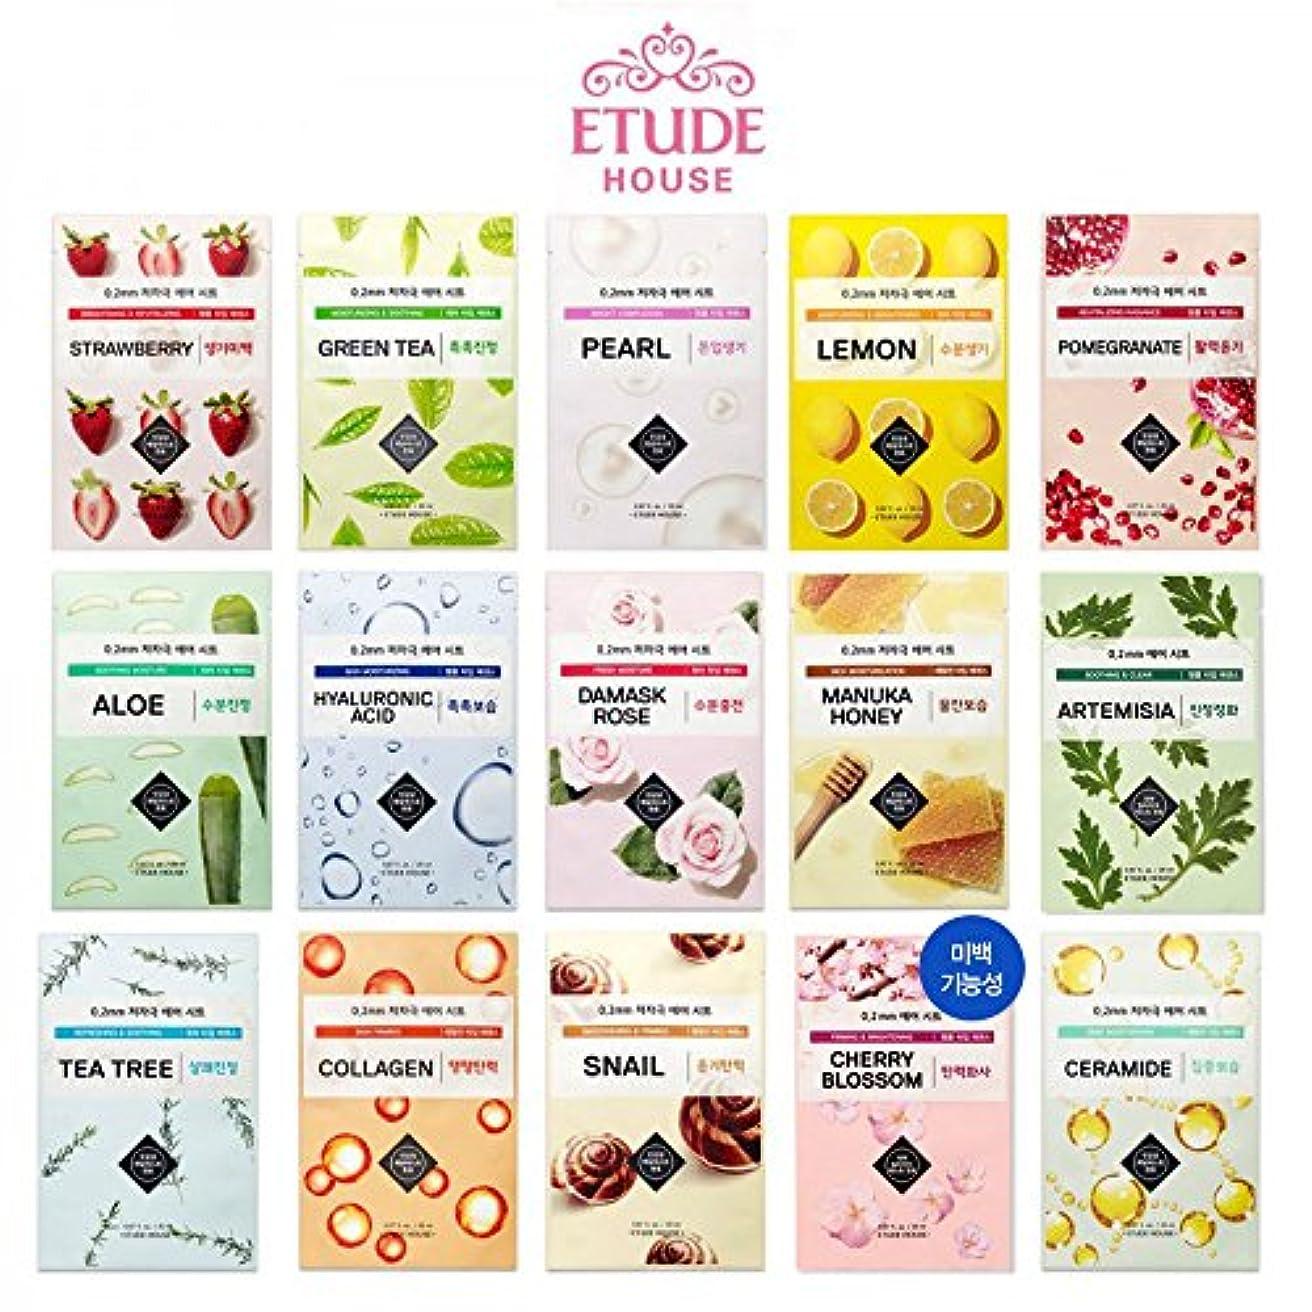 ステレオリスト発表Etude House 0.2 Therapy Air Mask (15EA) エチュードハウス0.2セラピーエアマスク 15種 セット [並行輸入品]